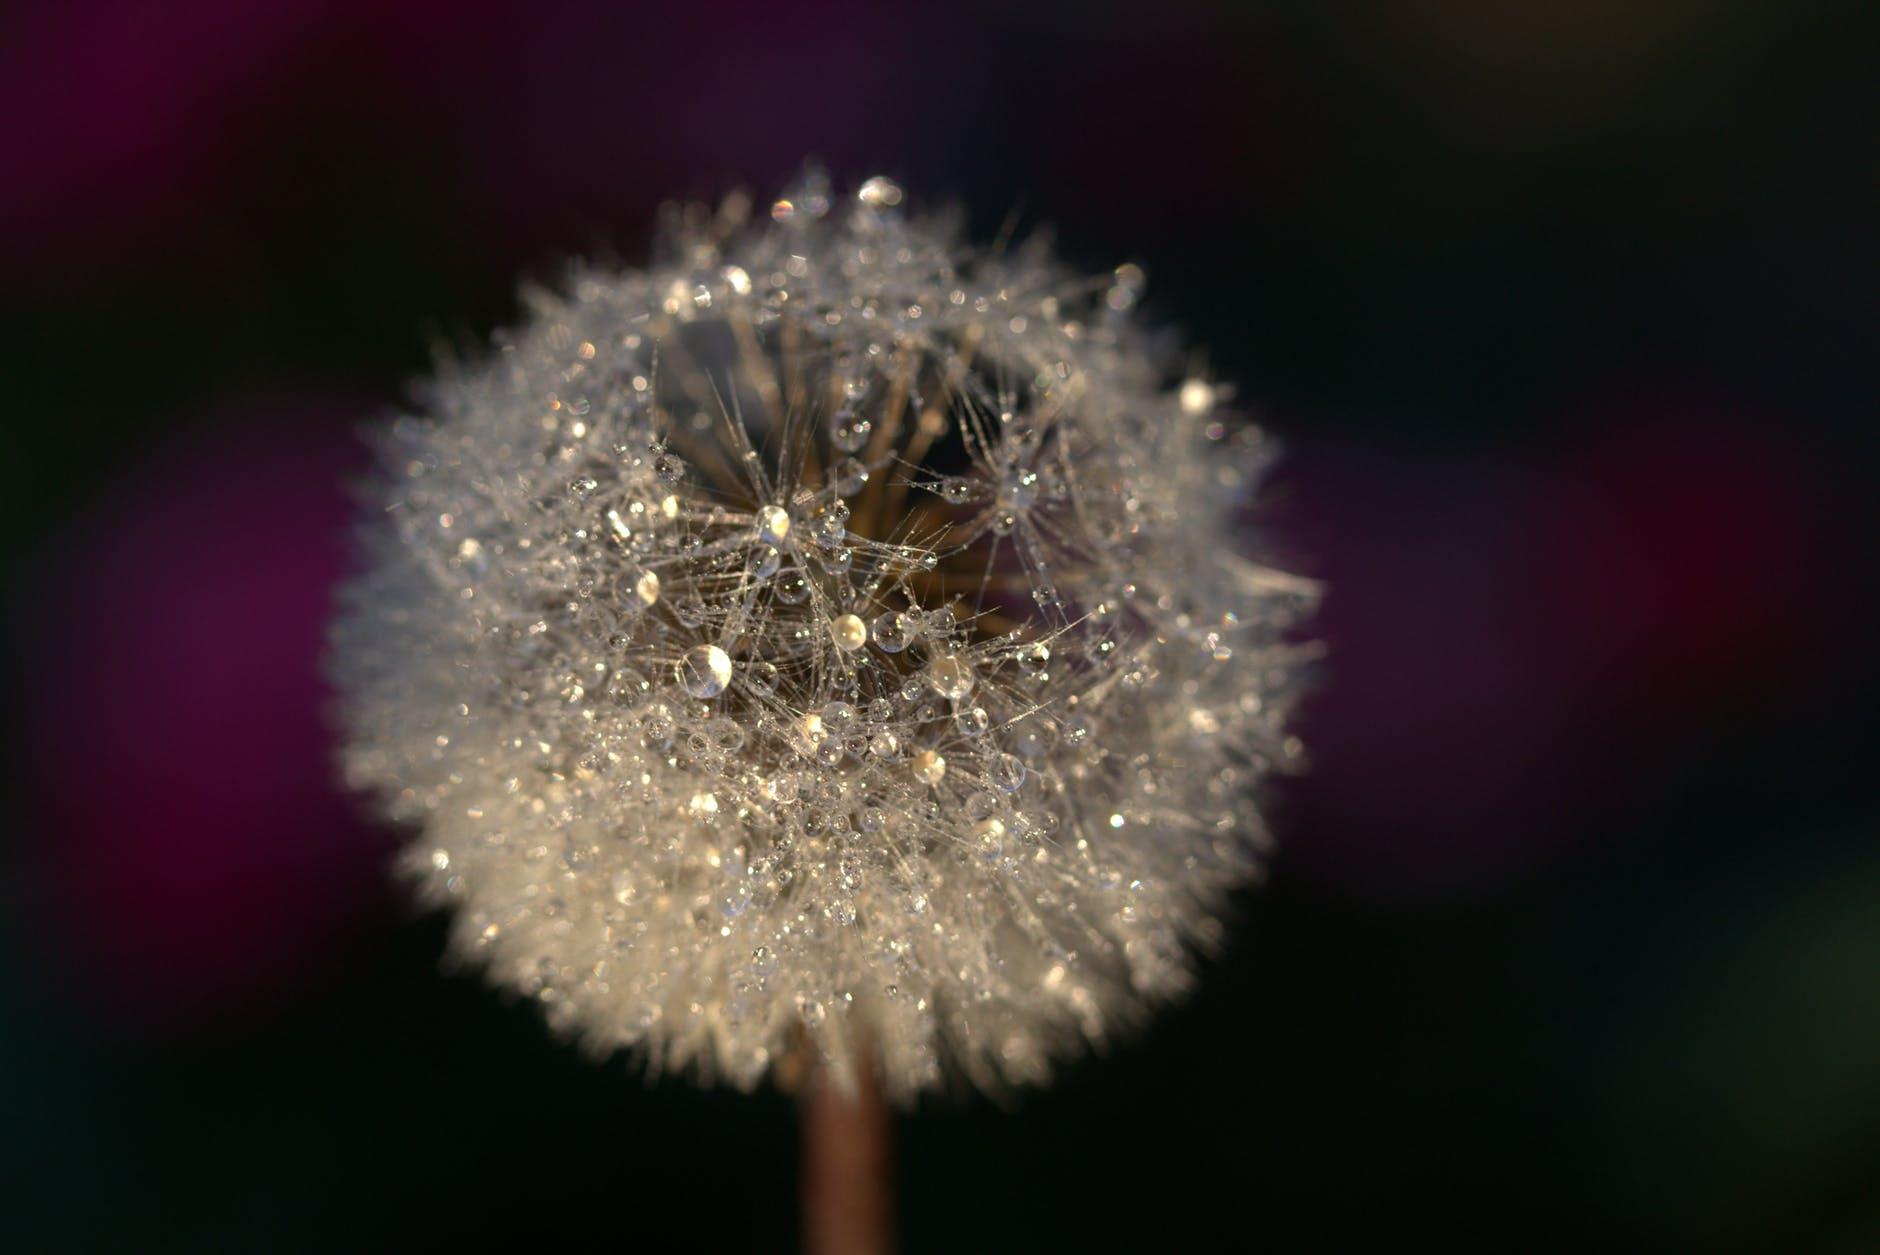 Vẻ đẹp tinh khôi, trong sáng của hoa bồ công anh